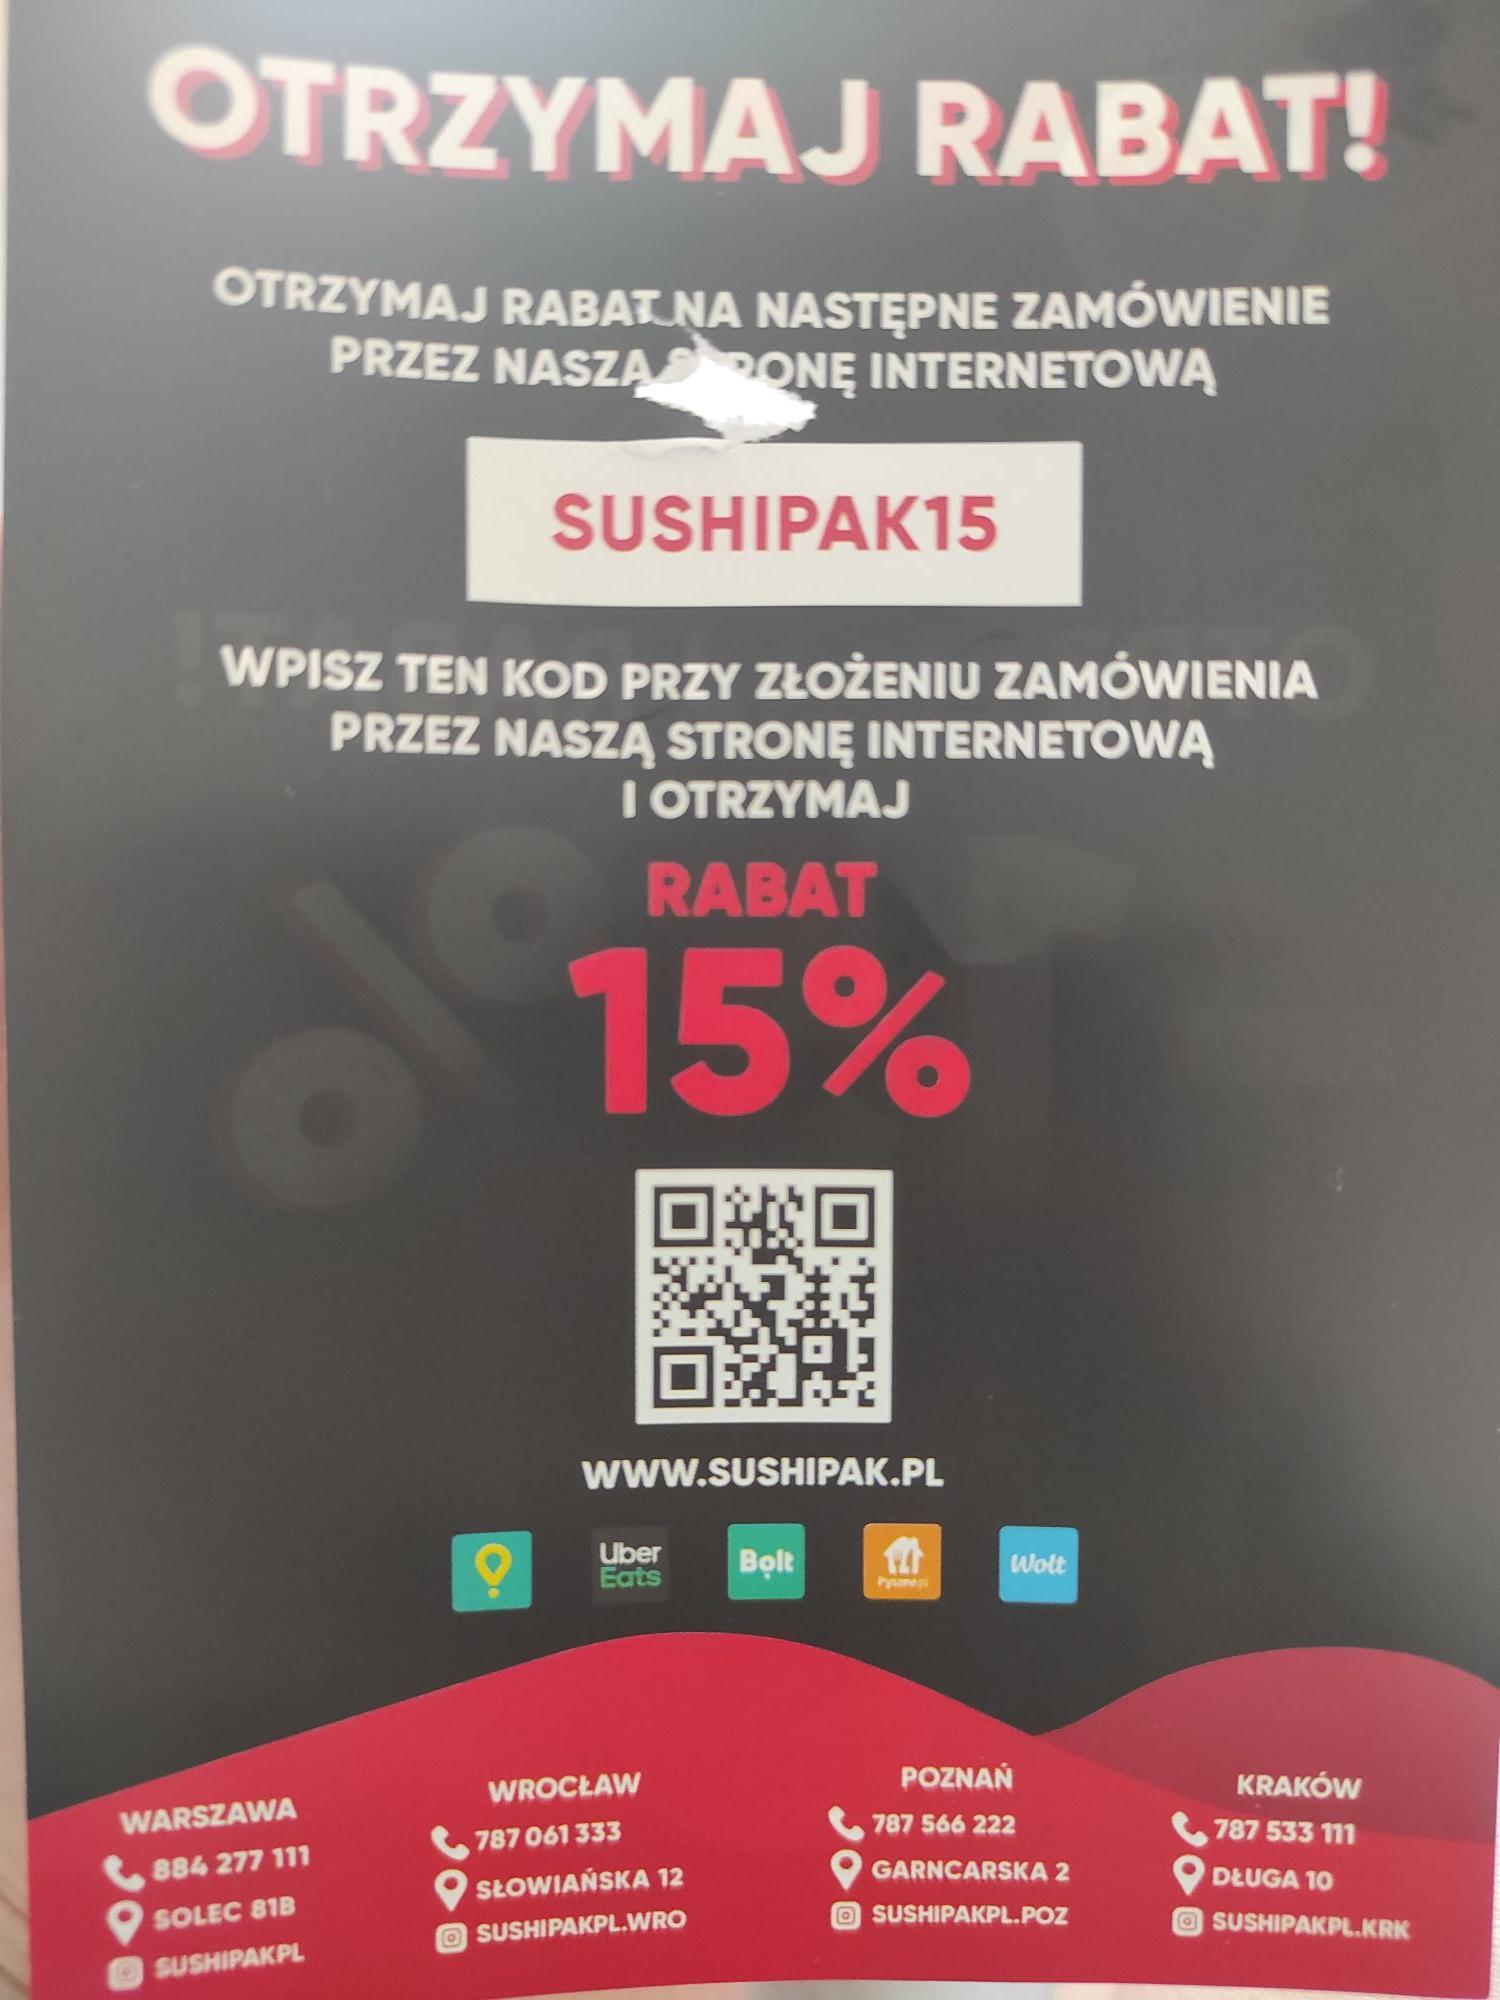 SUSHI PAK - 15%